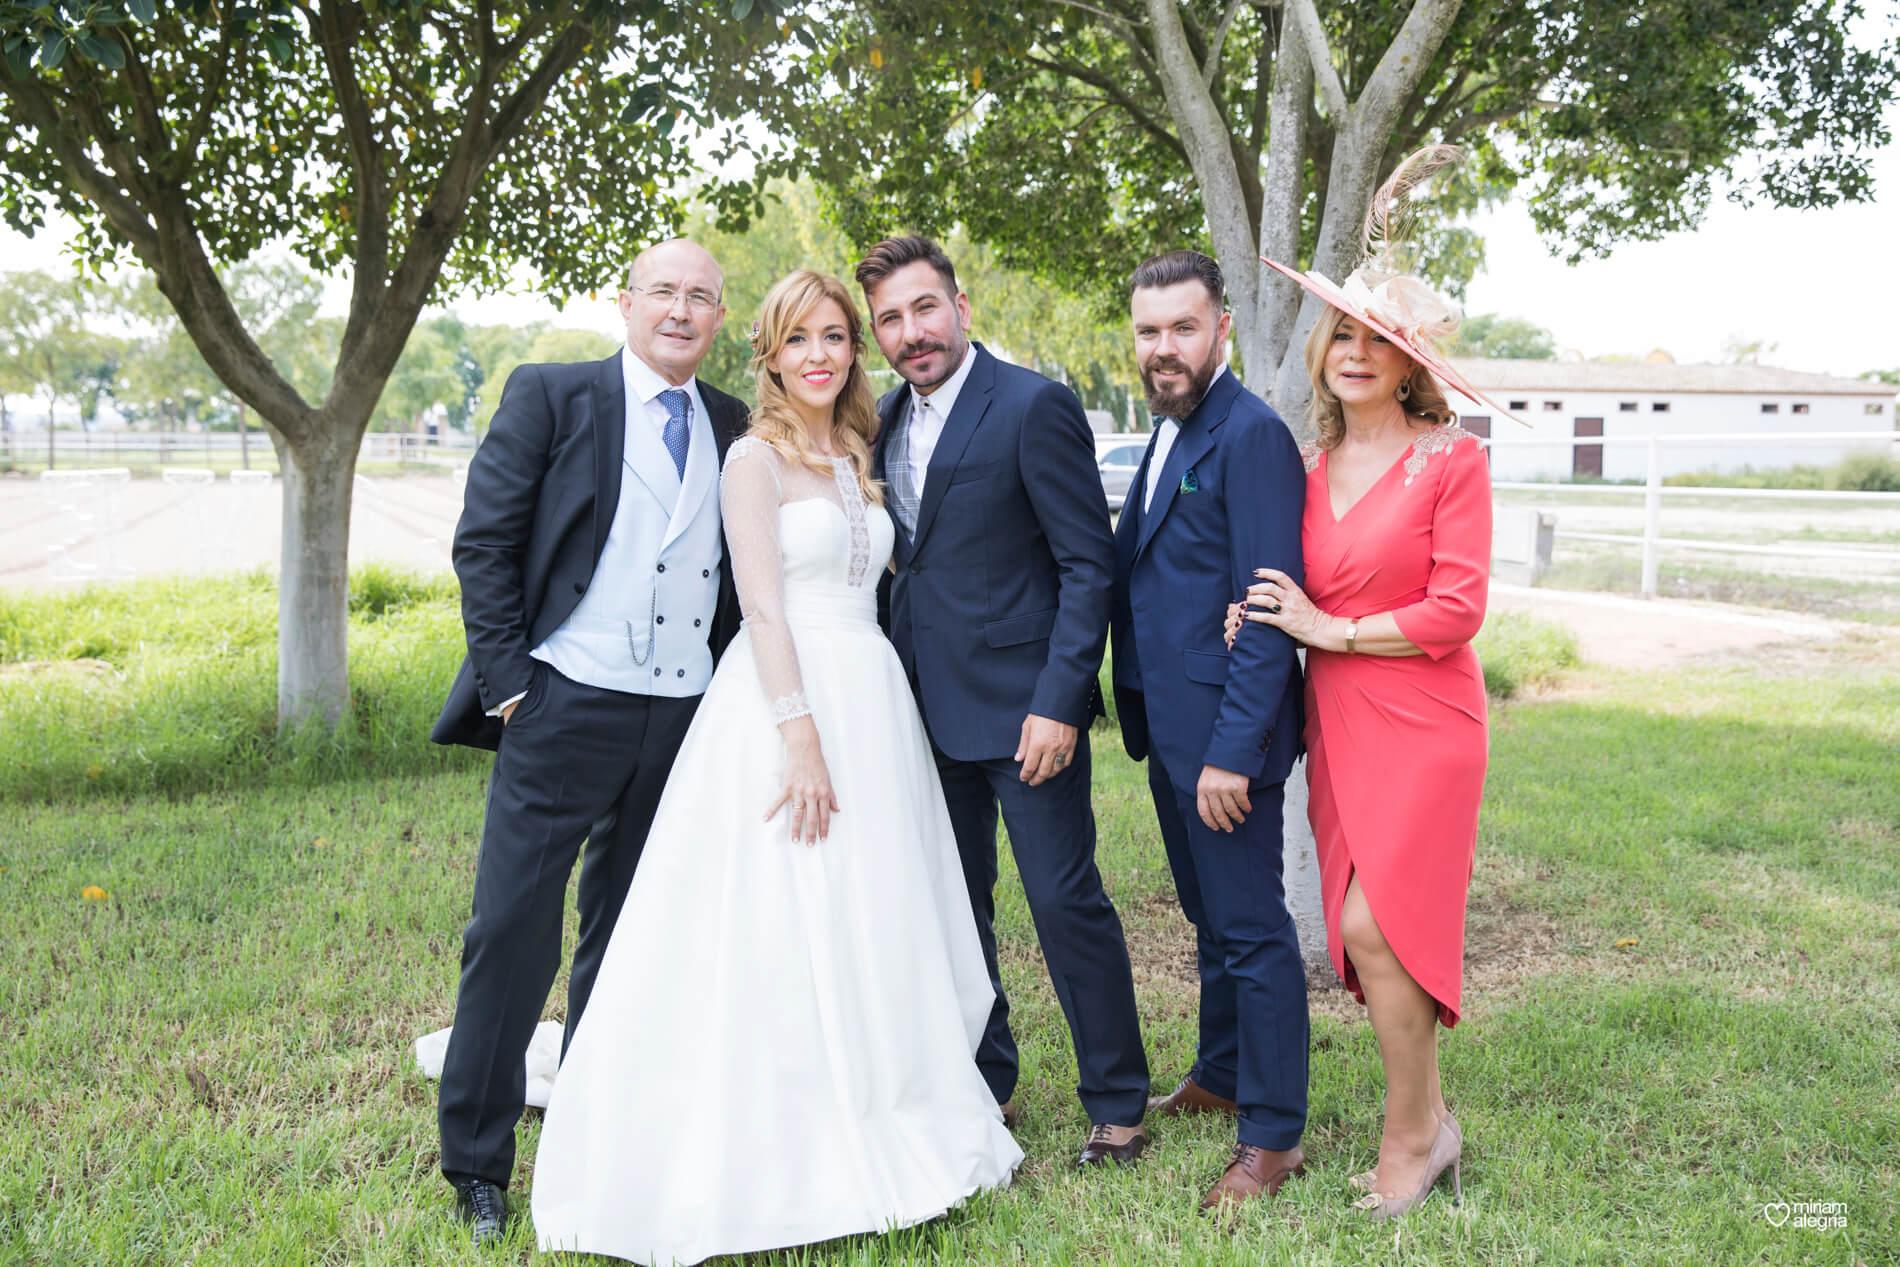 boda-en-finca-villa-vera-de-alemc7-miriam-alegria-fotografos-boda-murcia-136